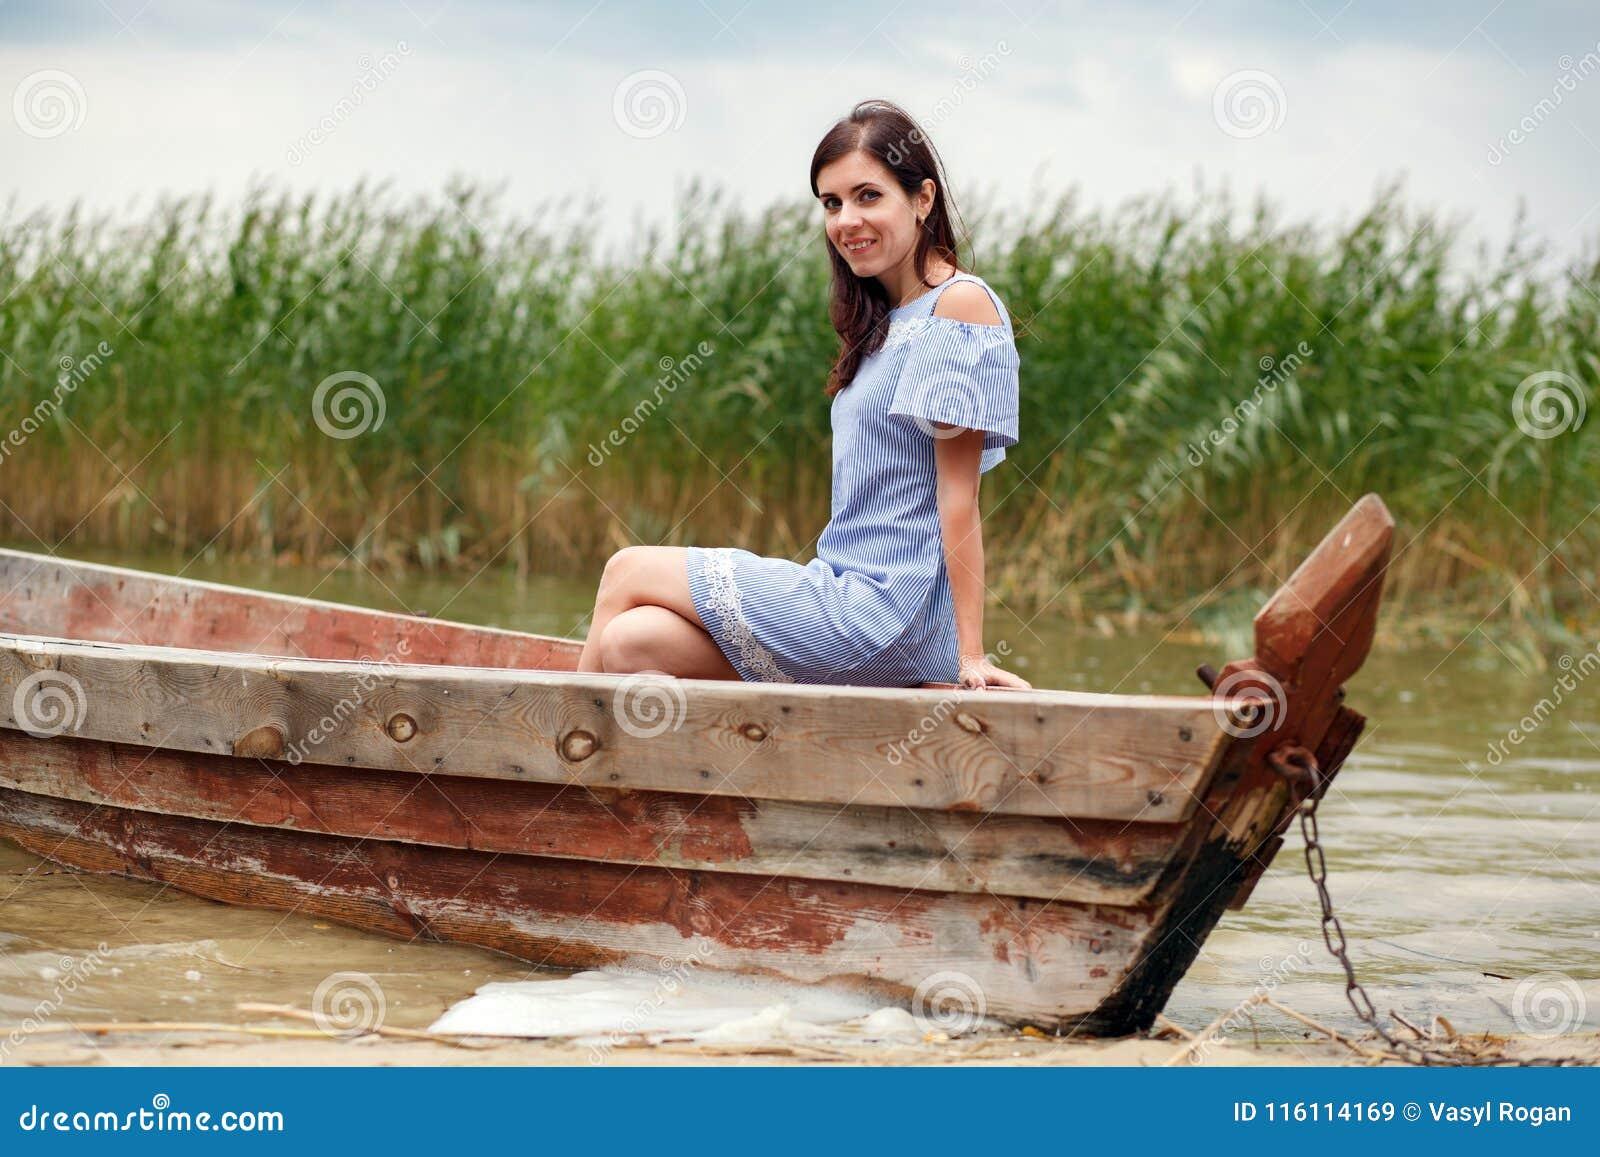 Brunette women on a fishing boat